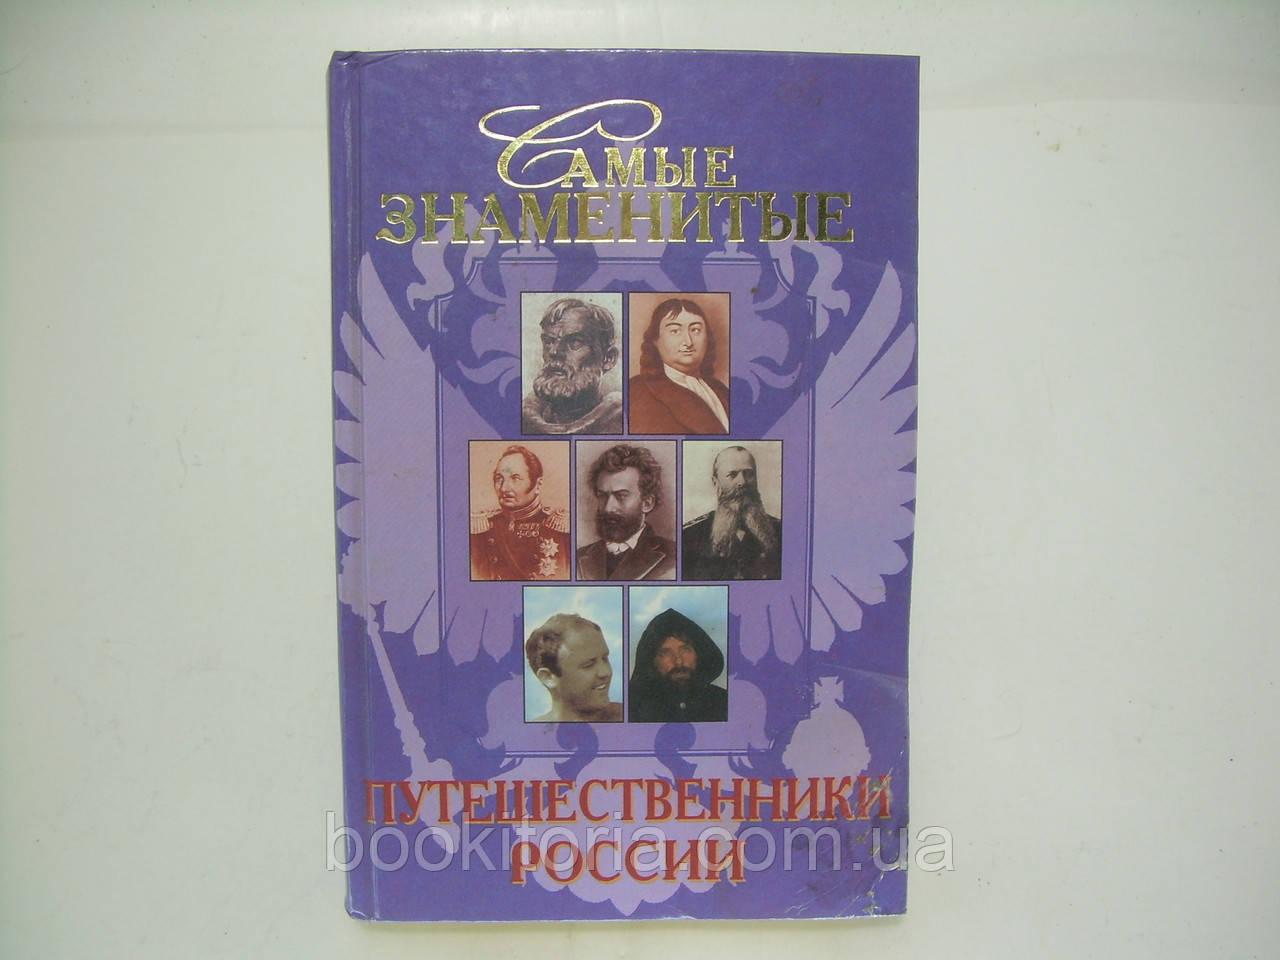 Лубченкова Т.Ю. Самые знаменитые путешественники России (б/у).